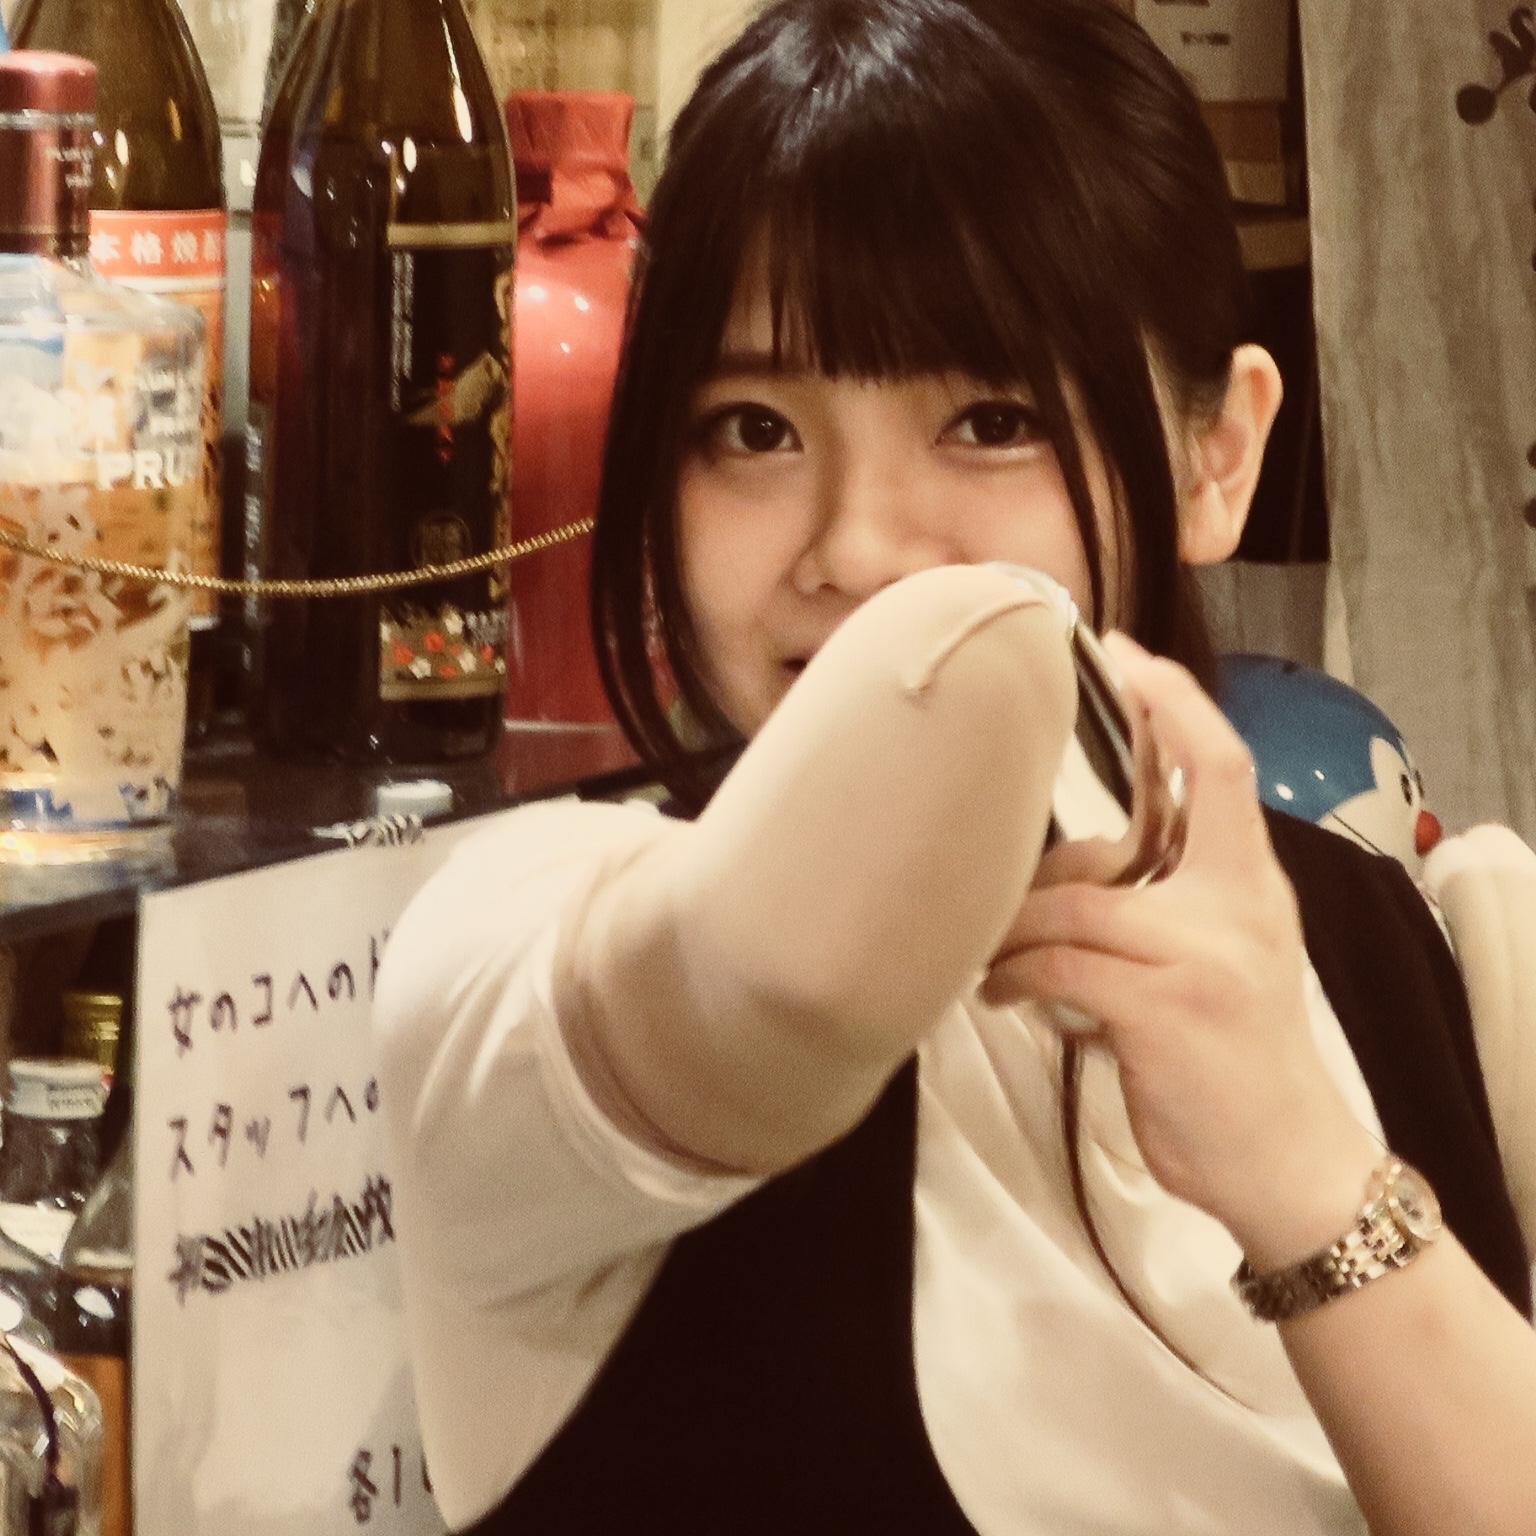 『Bar 琴音」』@新宿ゴールデン街からーず。一般予約